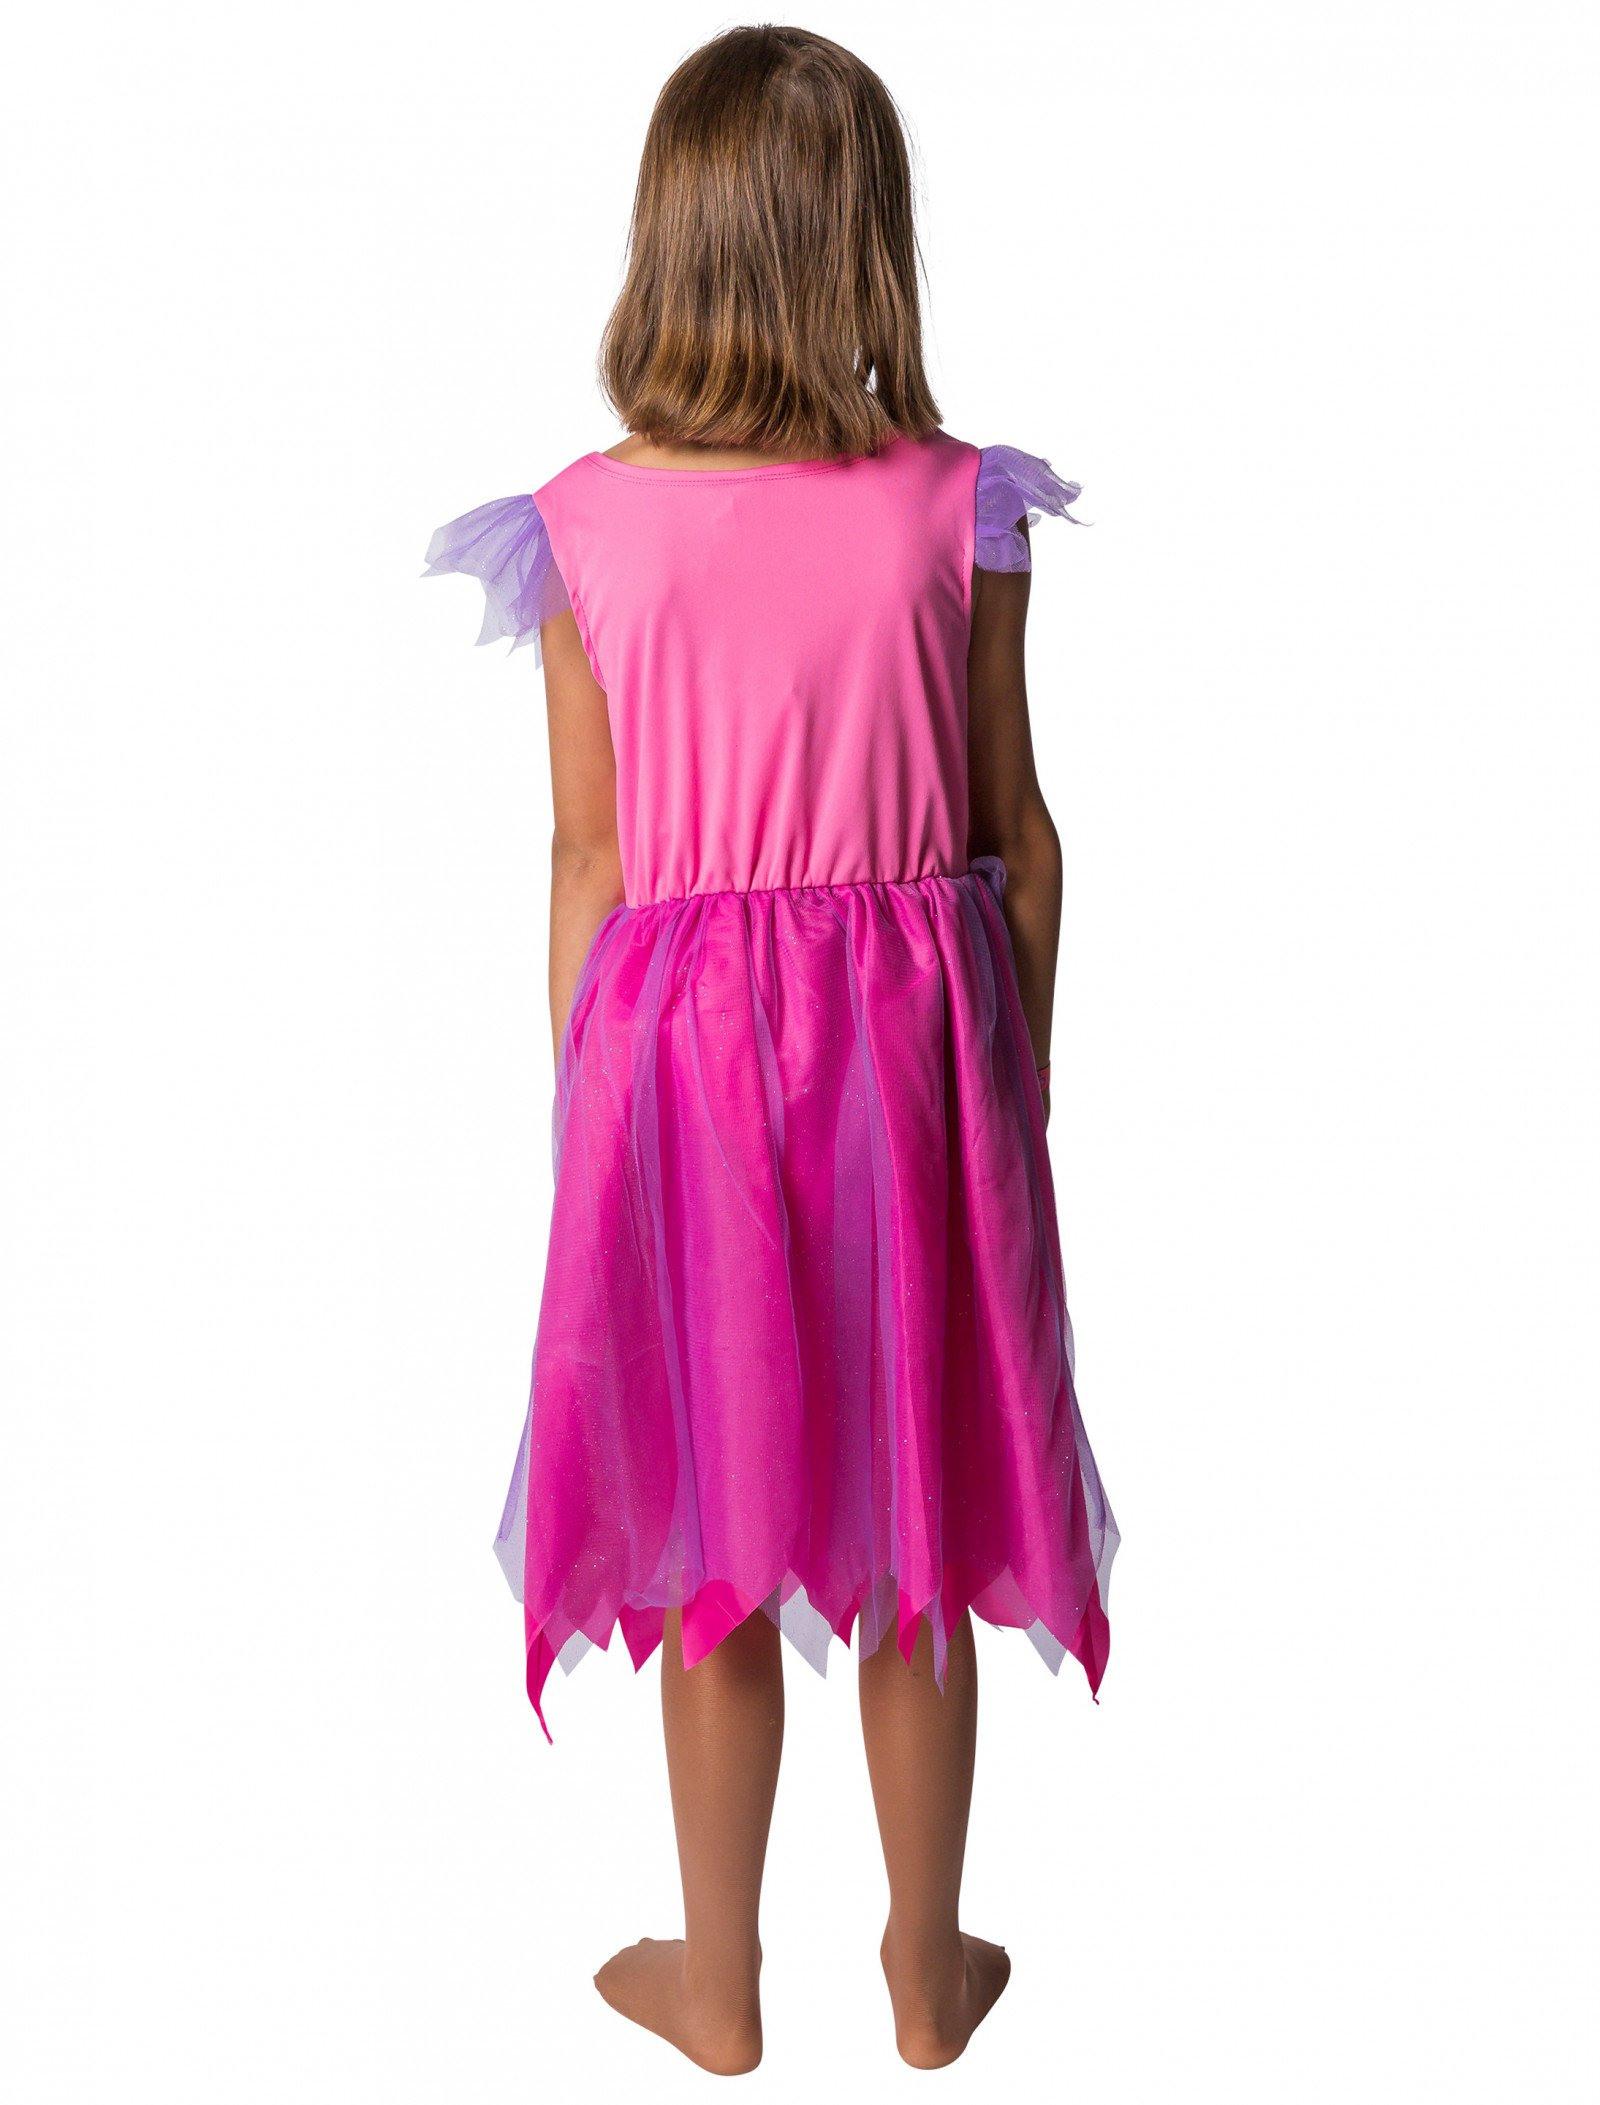 Kleid Fee Kinder Pink Für Karneval  Fasching Kaufen » Deiters